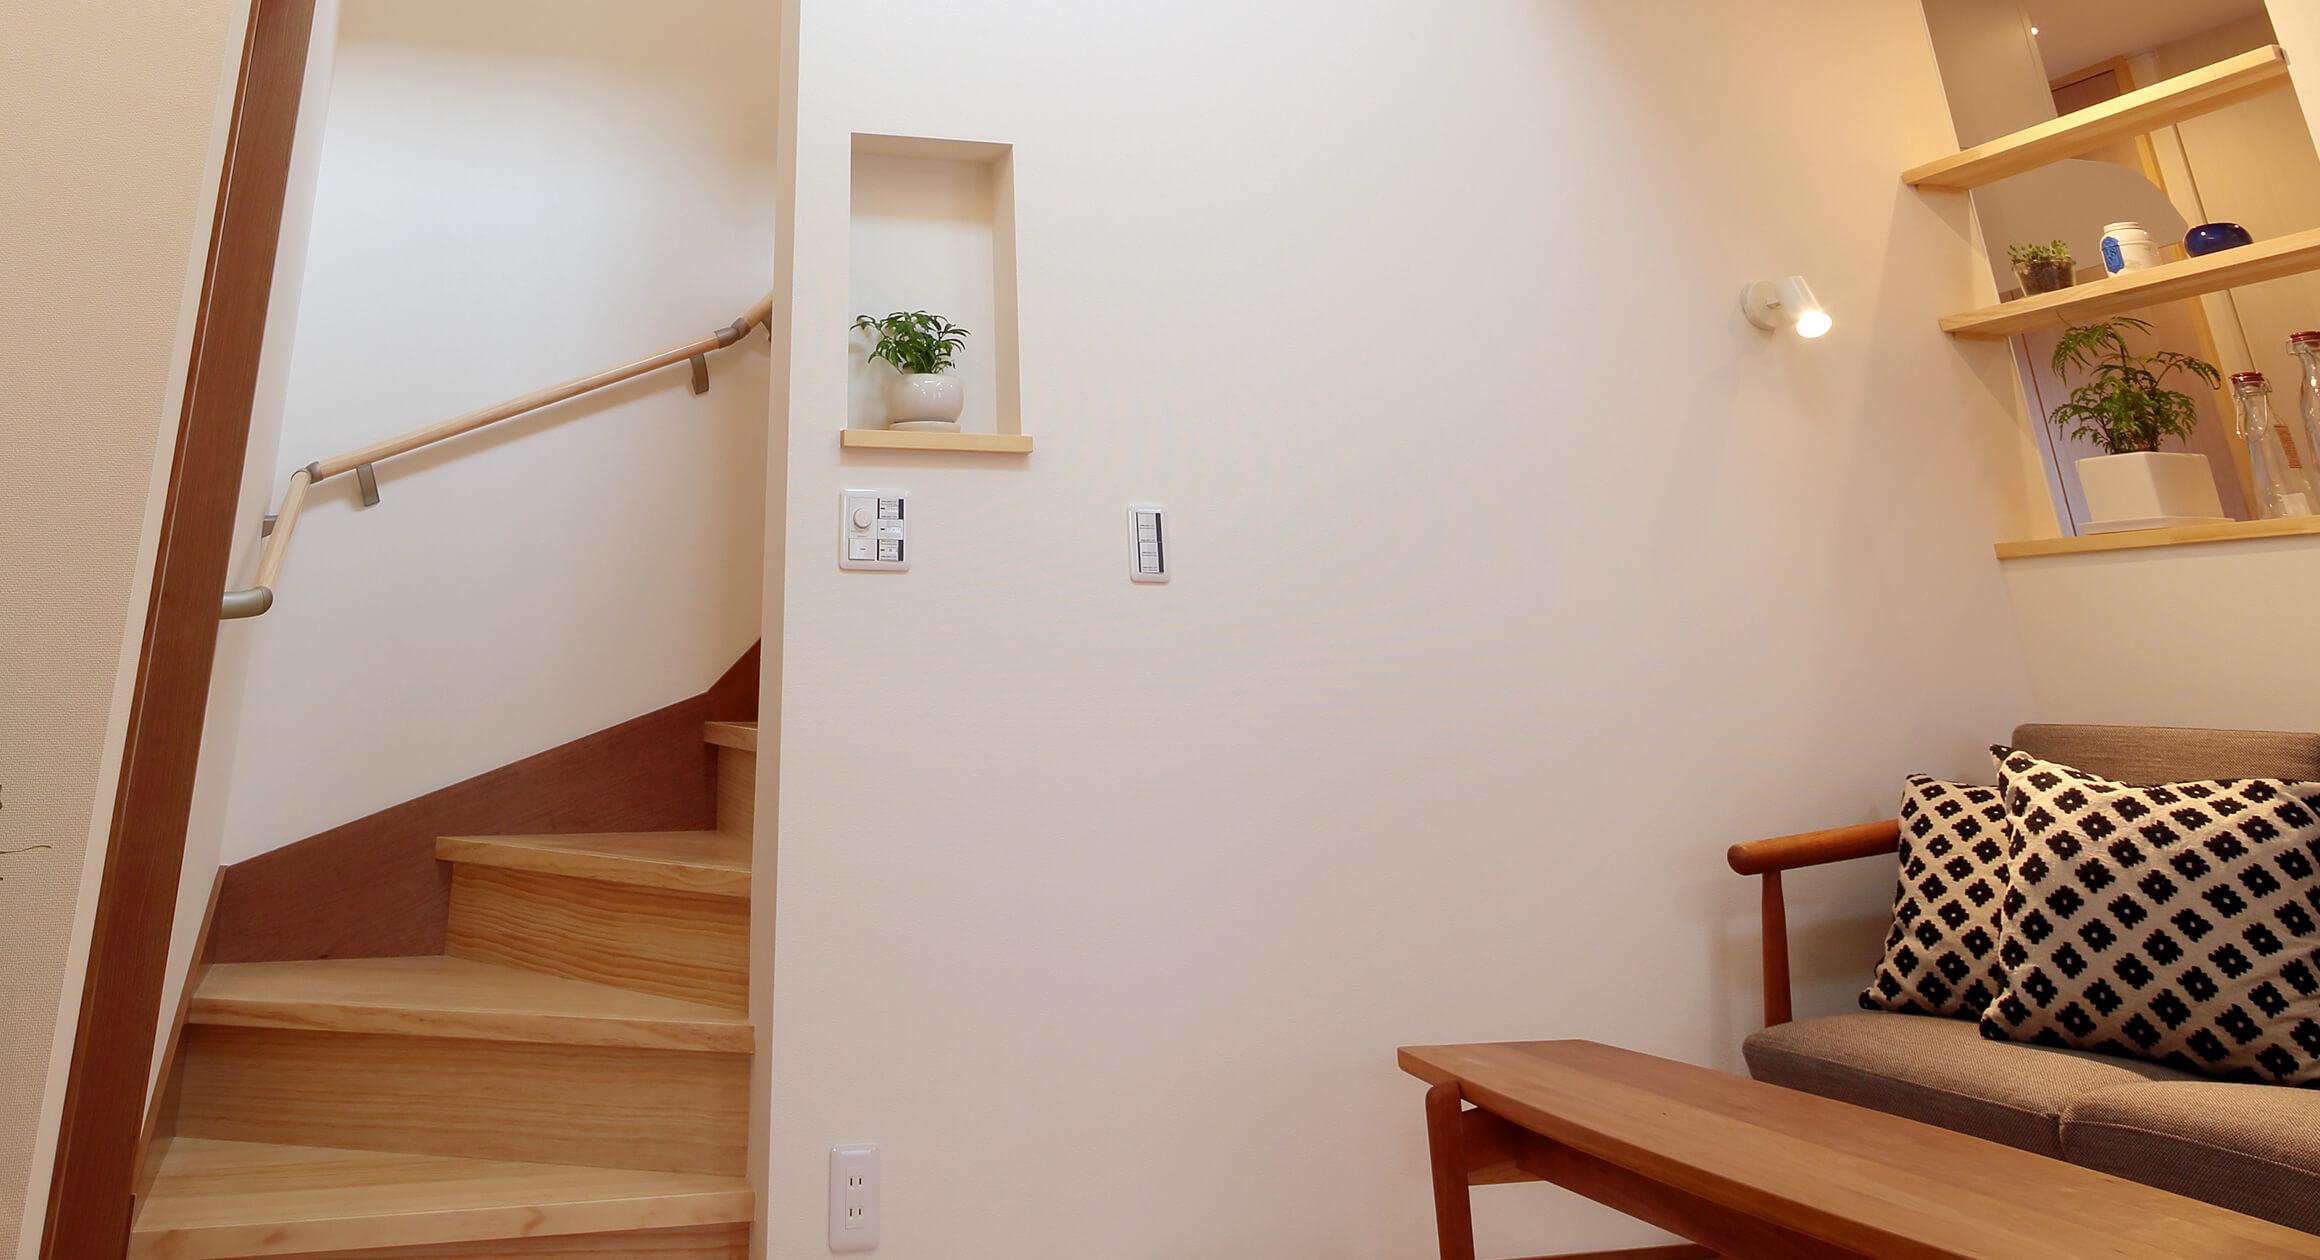 三友工務店のリフォーム・リノベーション事例 熊本市Y様邸